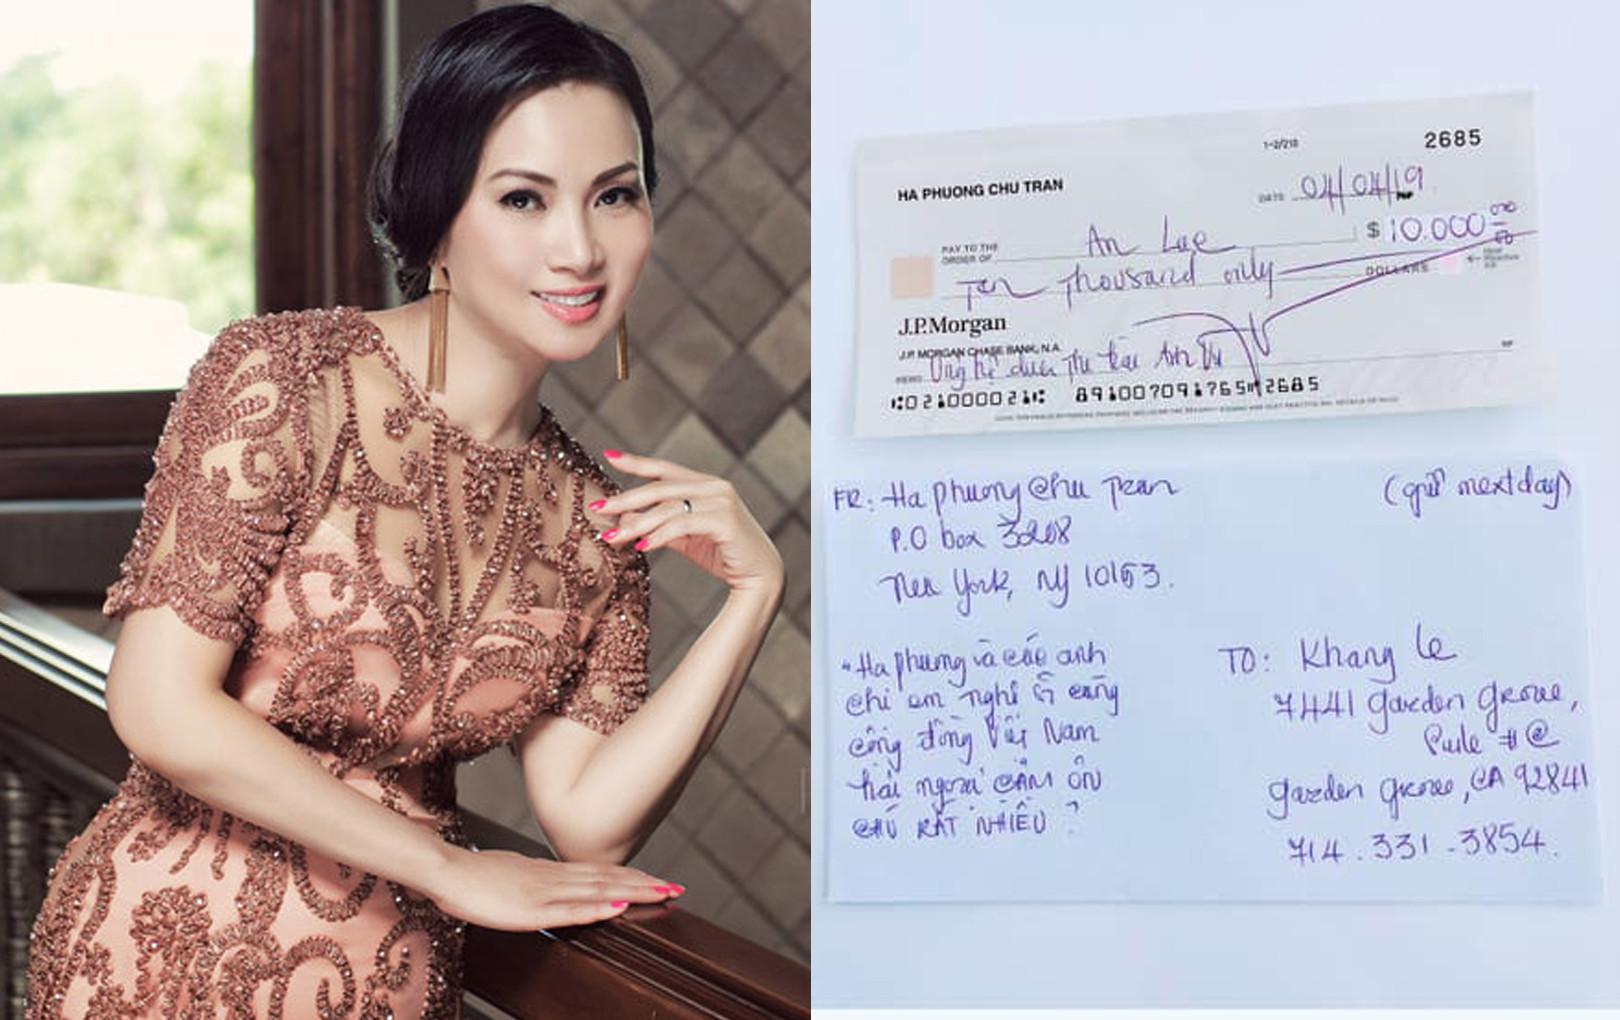 """Bị đồn thổi """"nói được không làm được"""", em gái Cẩm Ly công khai biên nhận 10.000 USD giúp đỡ cố nghệ sĩ Anh Vũ"""